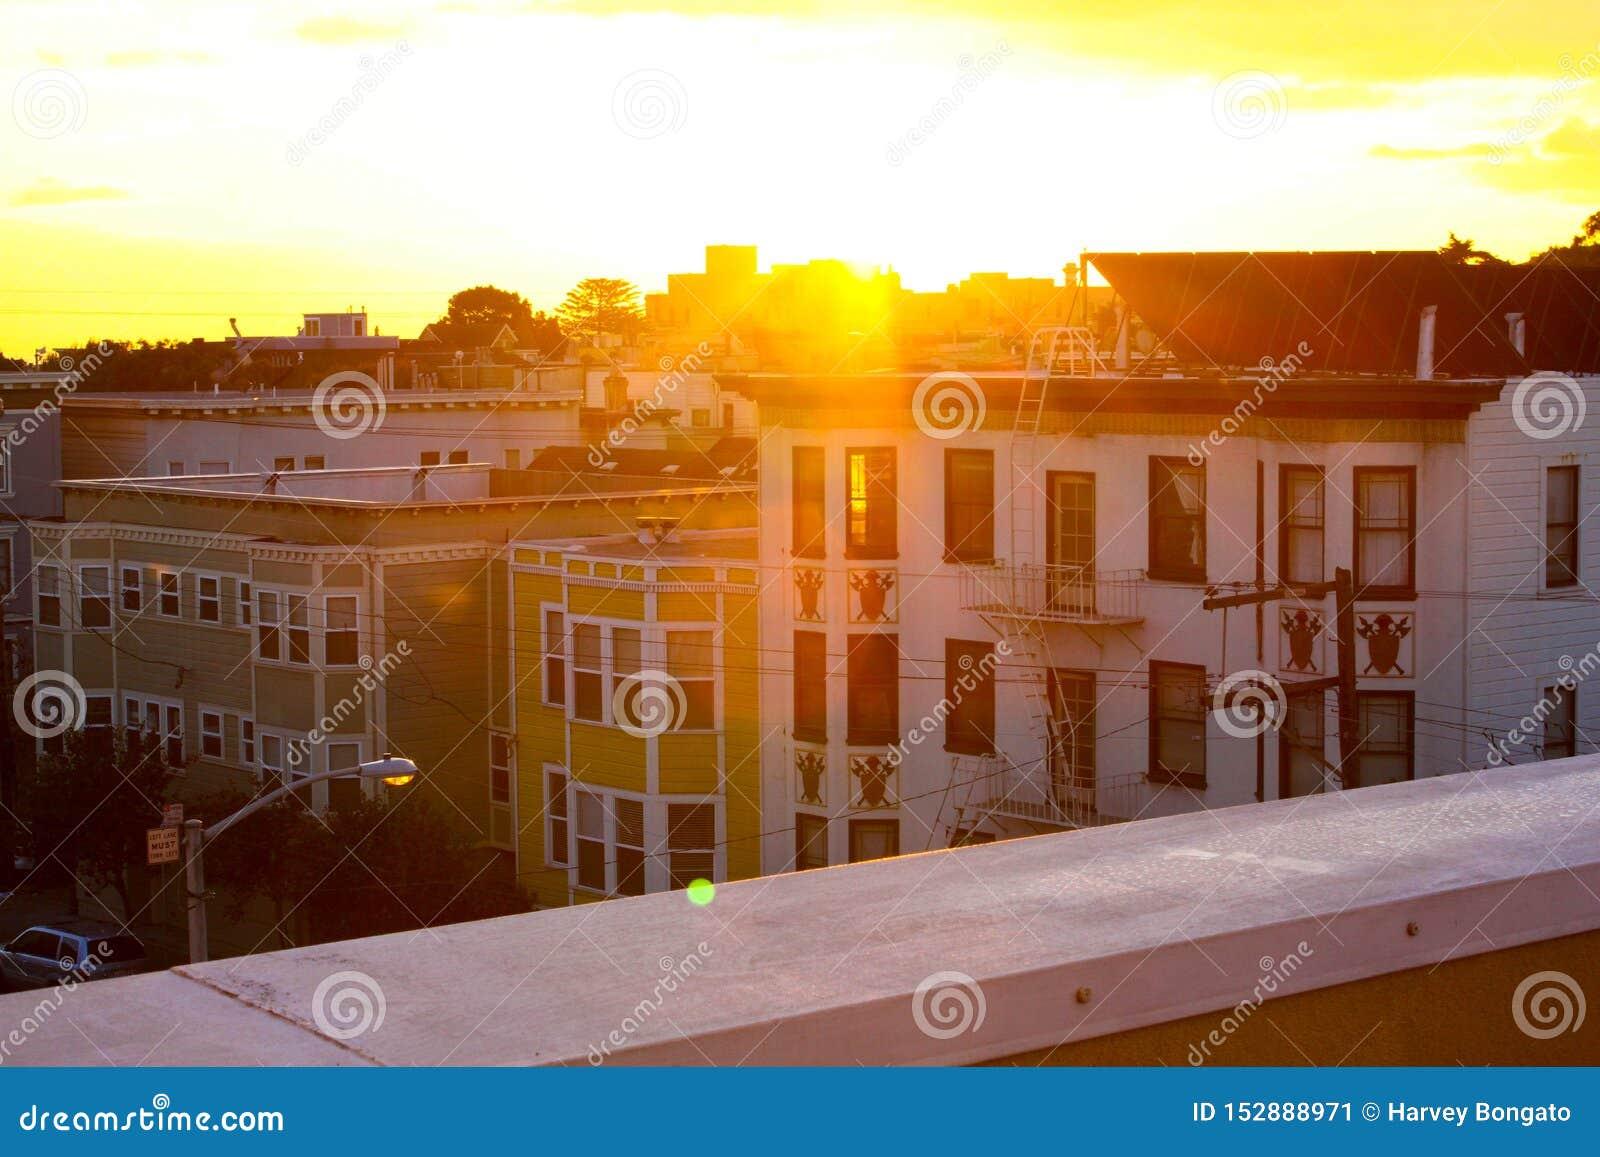 Belle heure d or du jour, vue de la terrasse supérieure faisant face à la façade d autres bâtiments